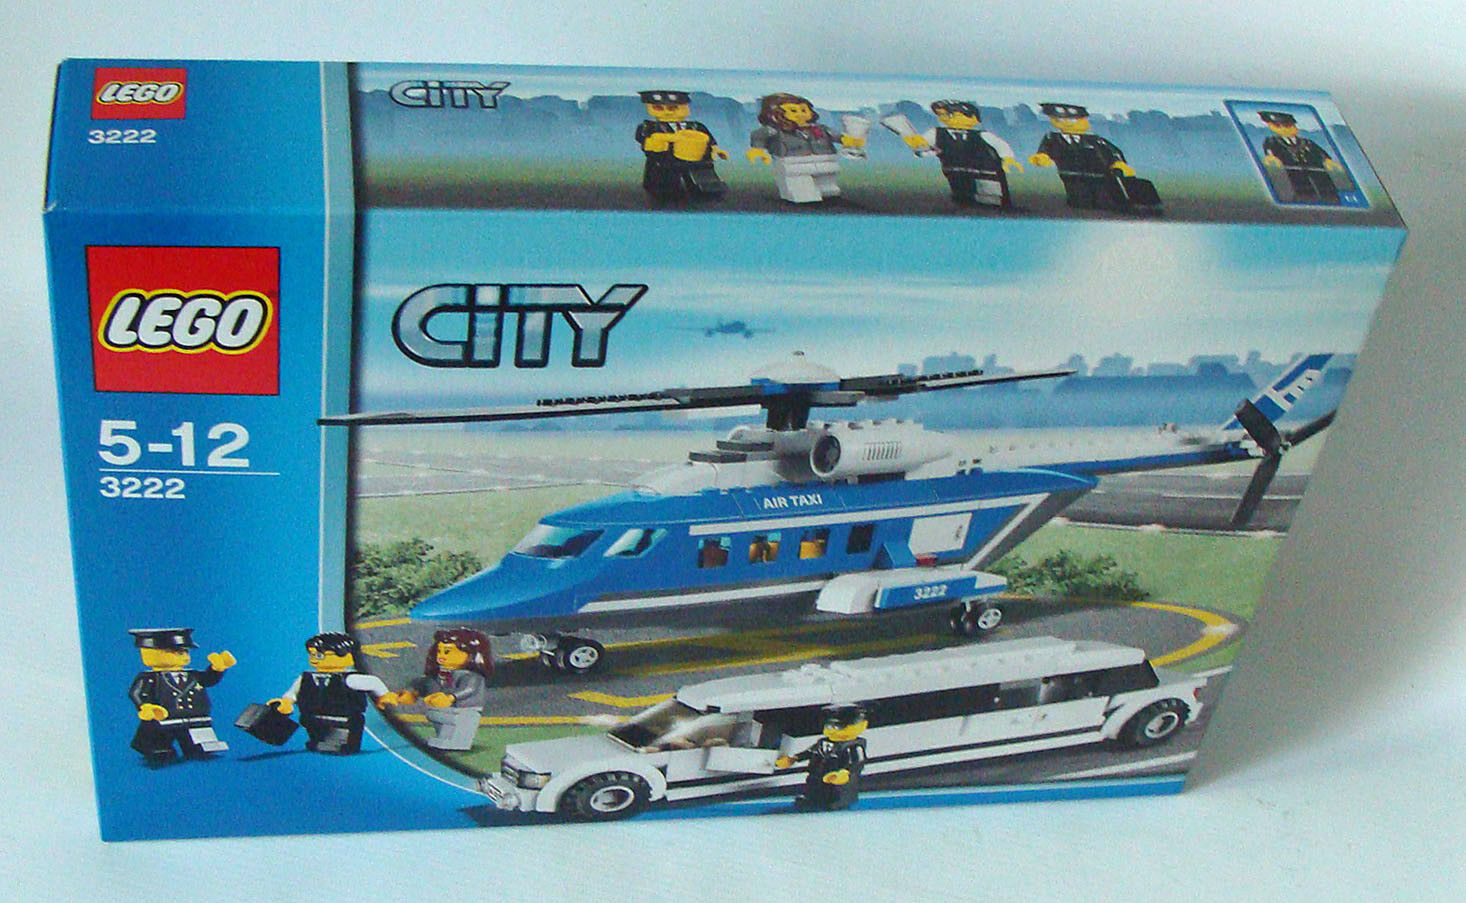 miglior servizio LEGO ® città 3222-elicotteri e berlina 267 pezzi pezzi pezzi 5-12 anni NUOVO nuovo  outlet online economico